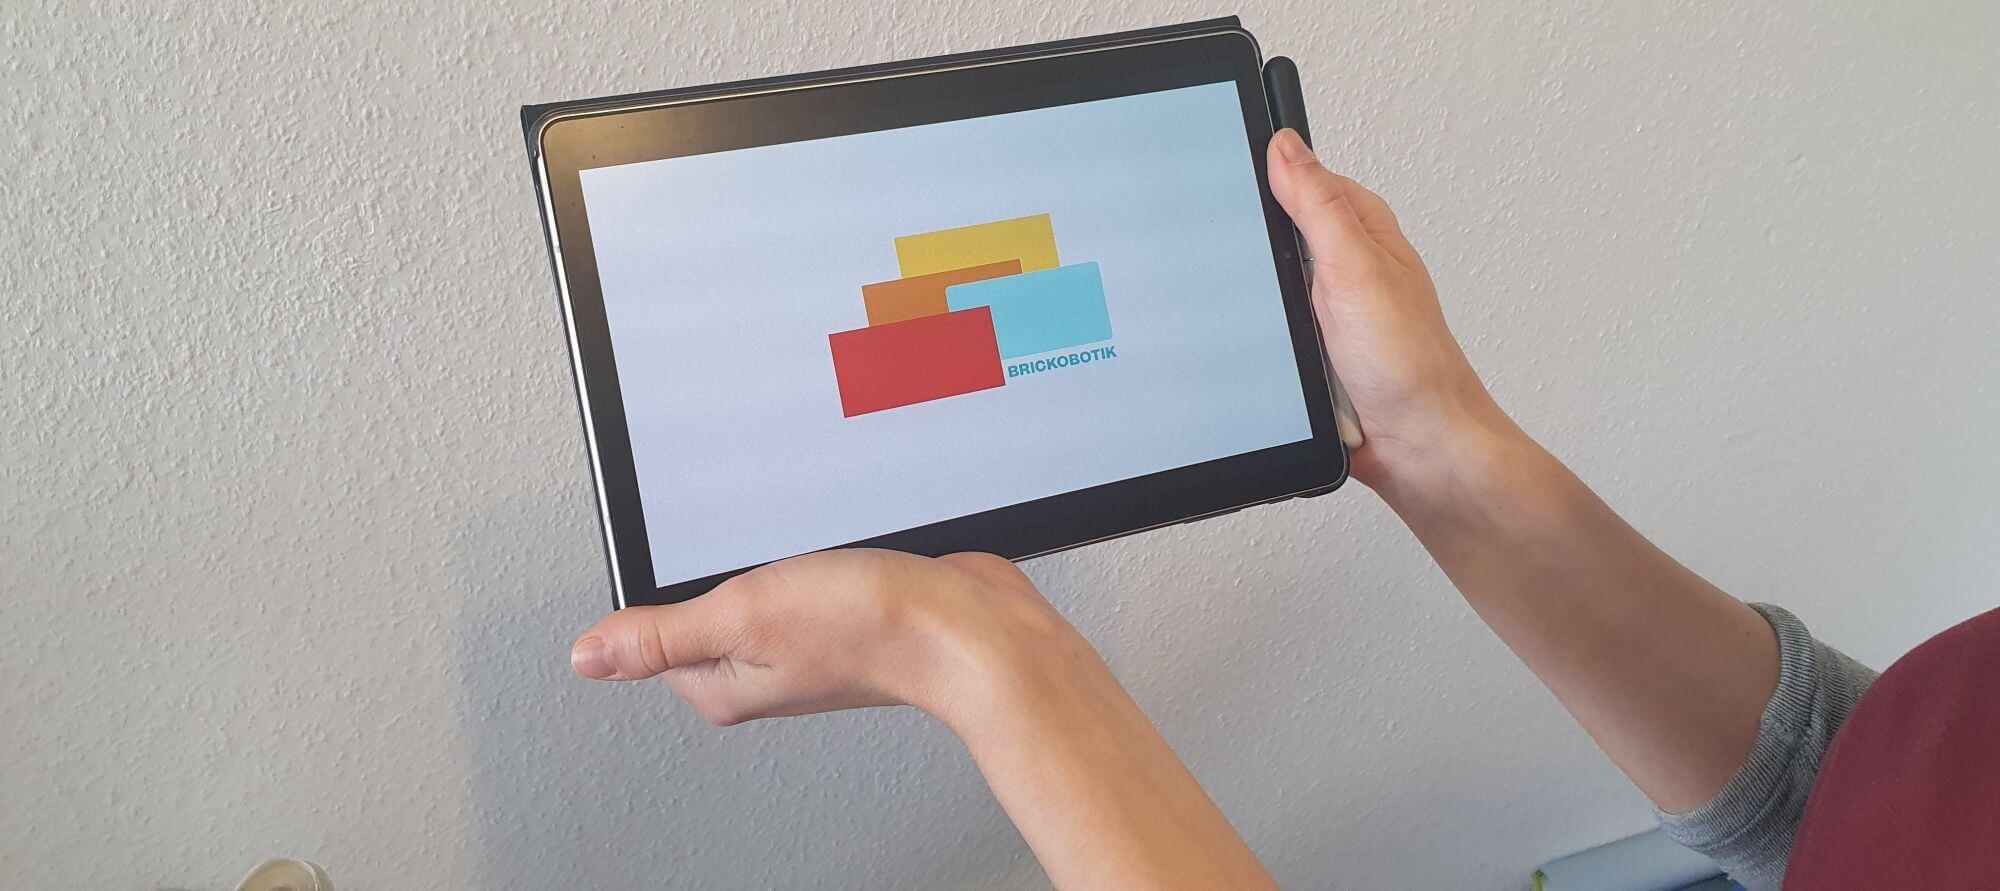 Ein Tablet mit dem brickobotik-Logo